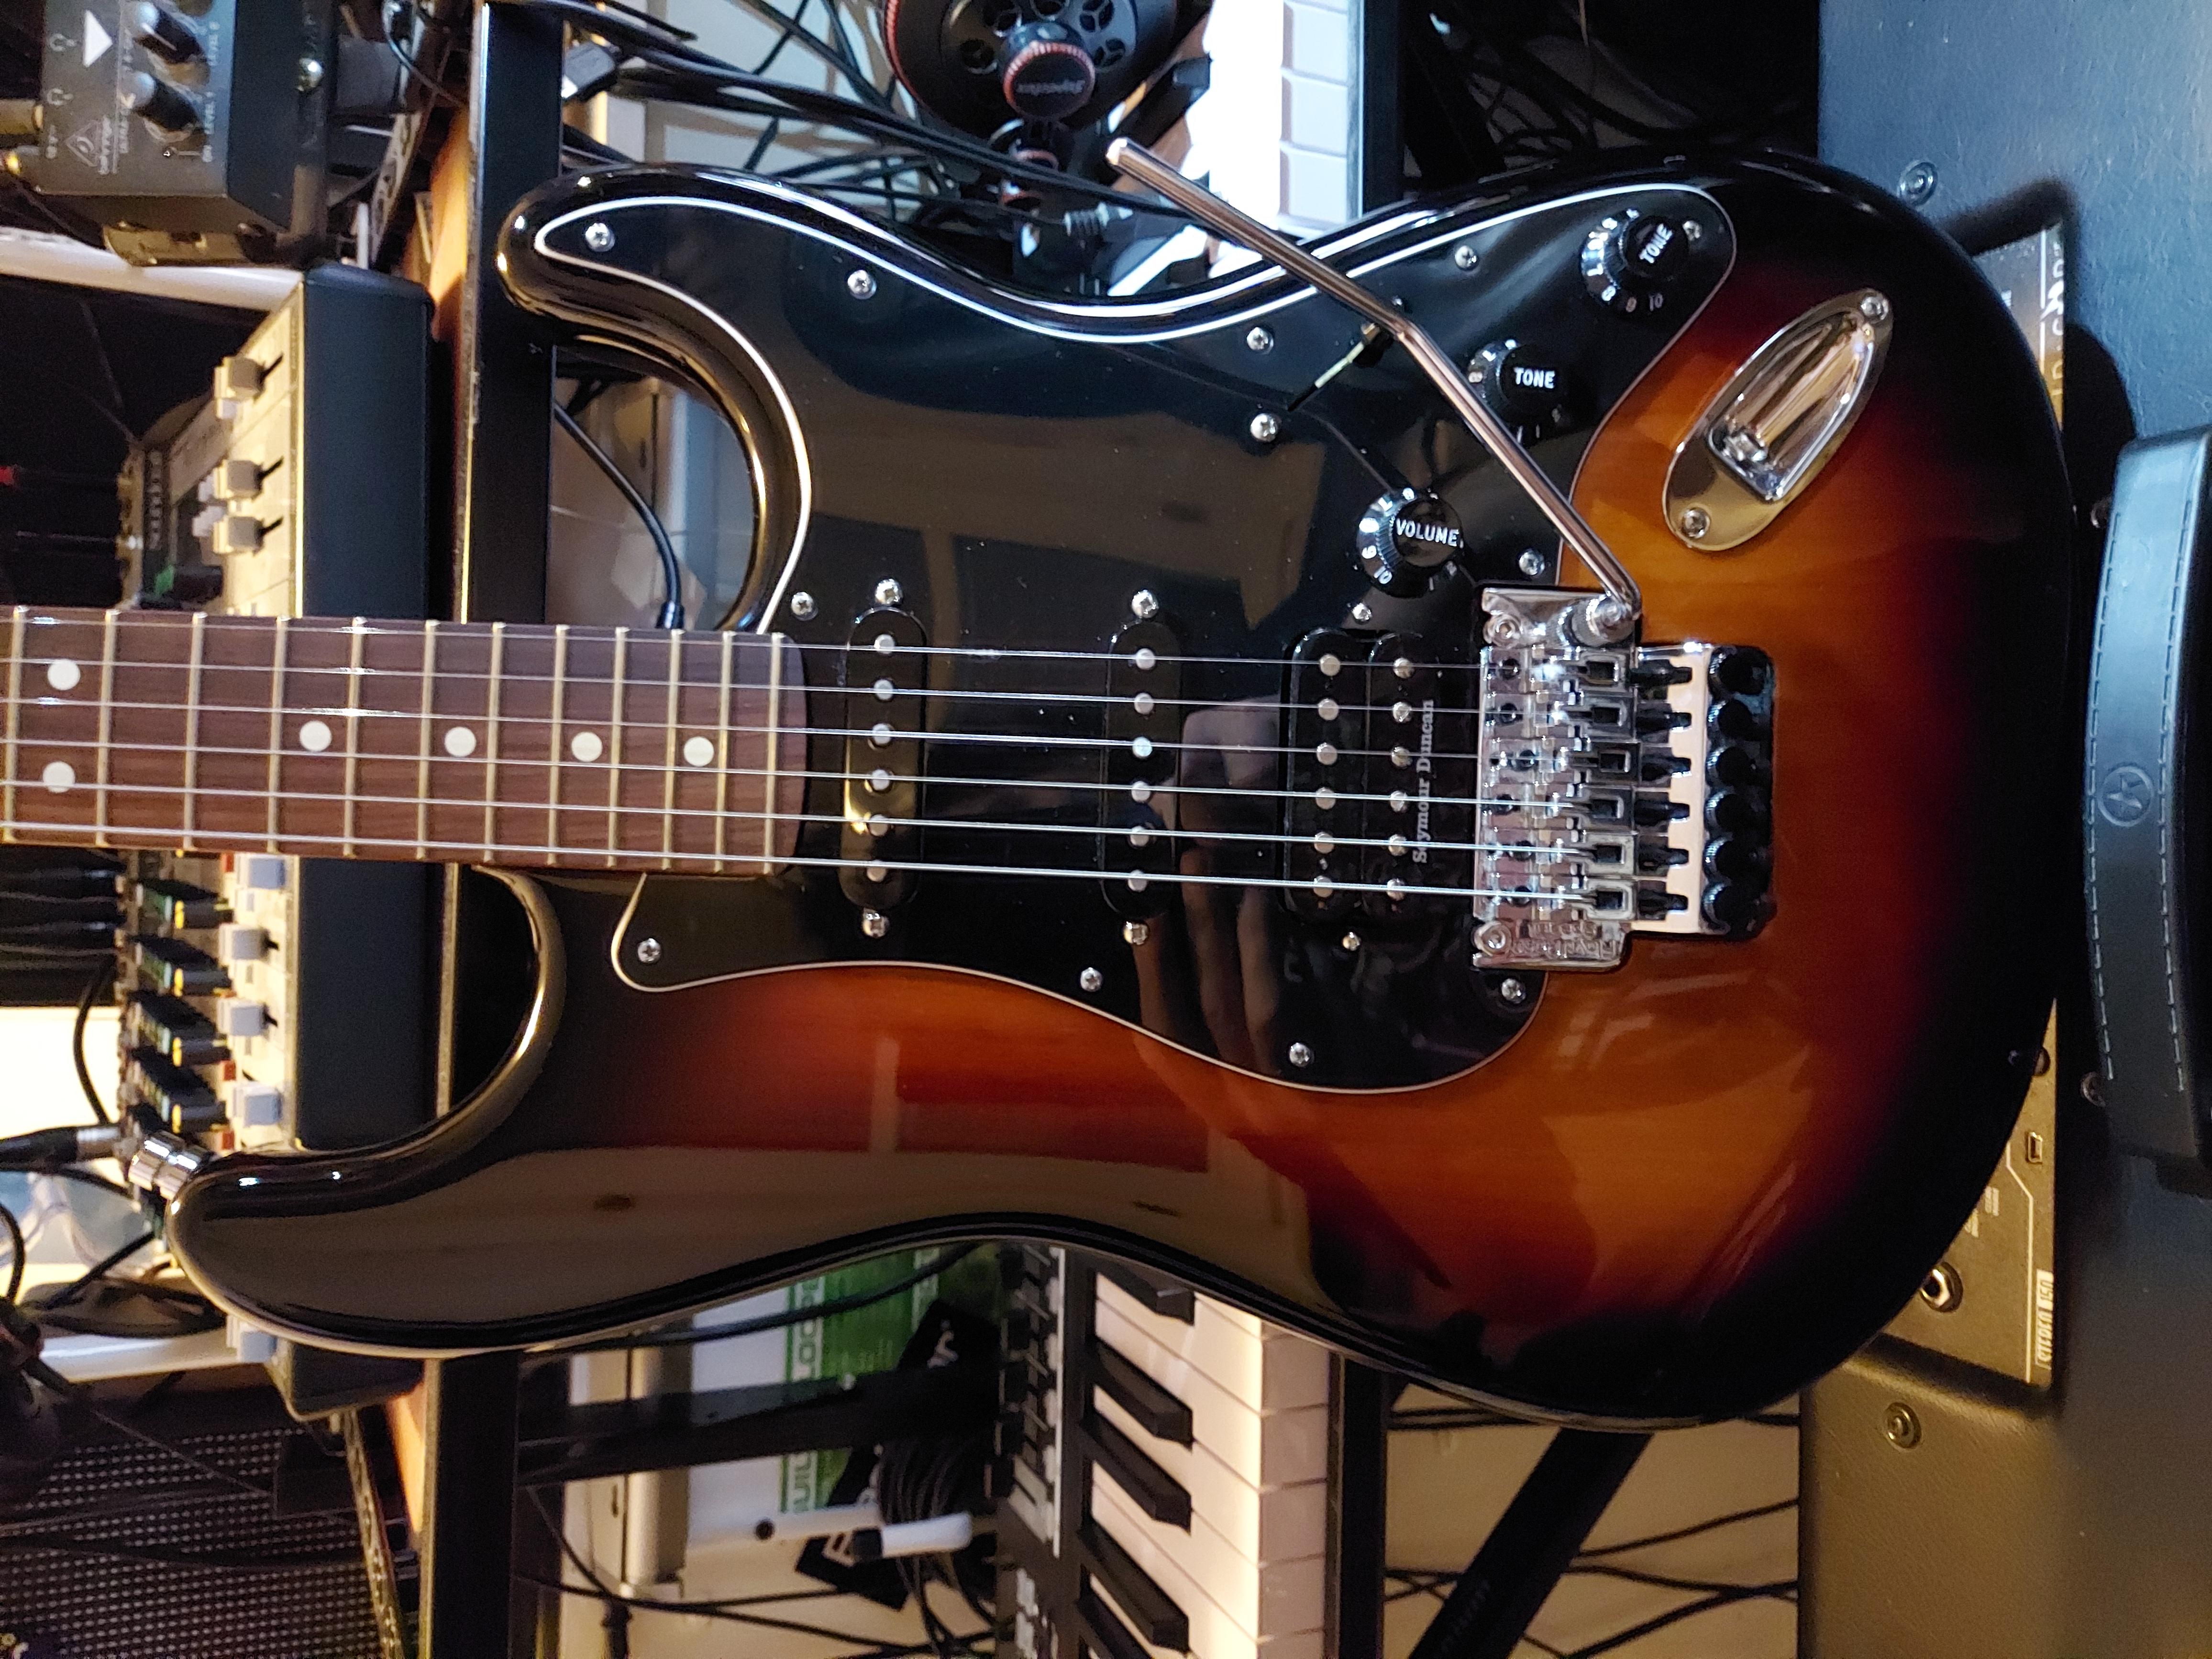 Fender Player + JB TB4 + Colori fili ... Conclusione e schema..